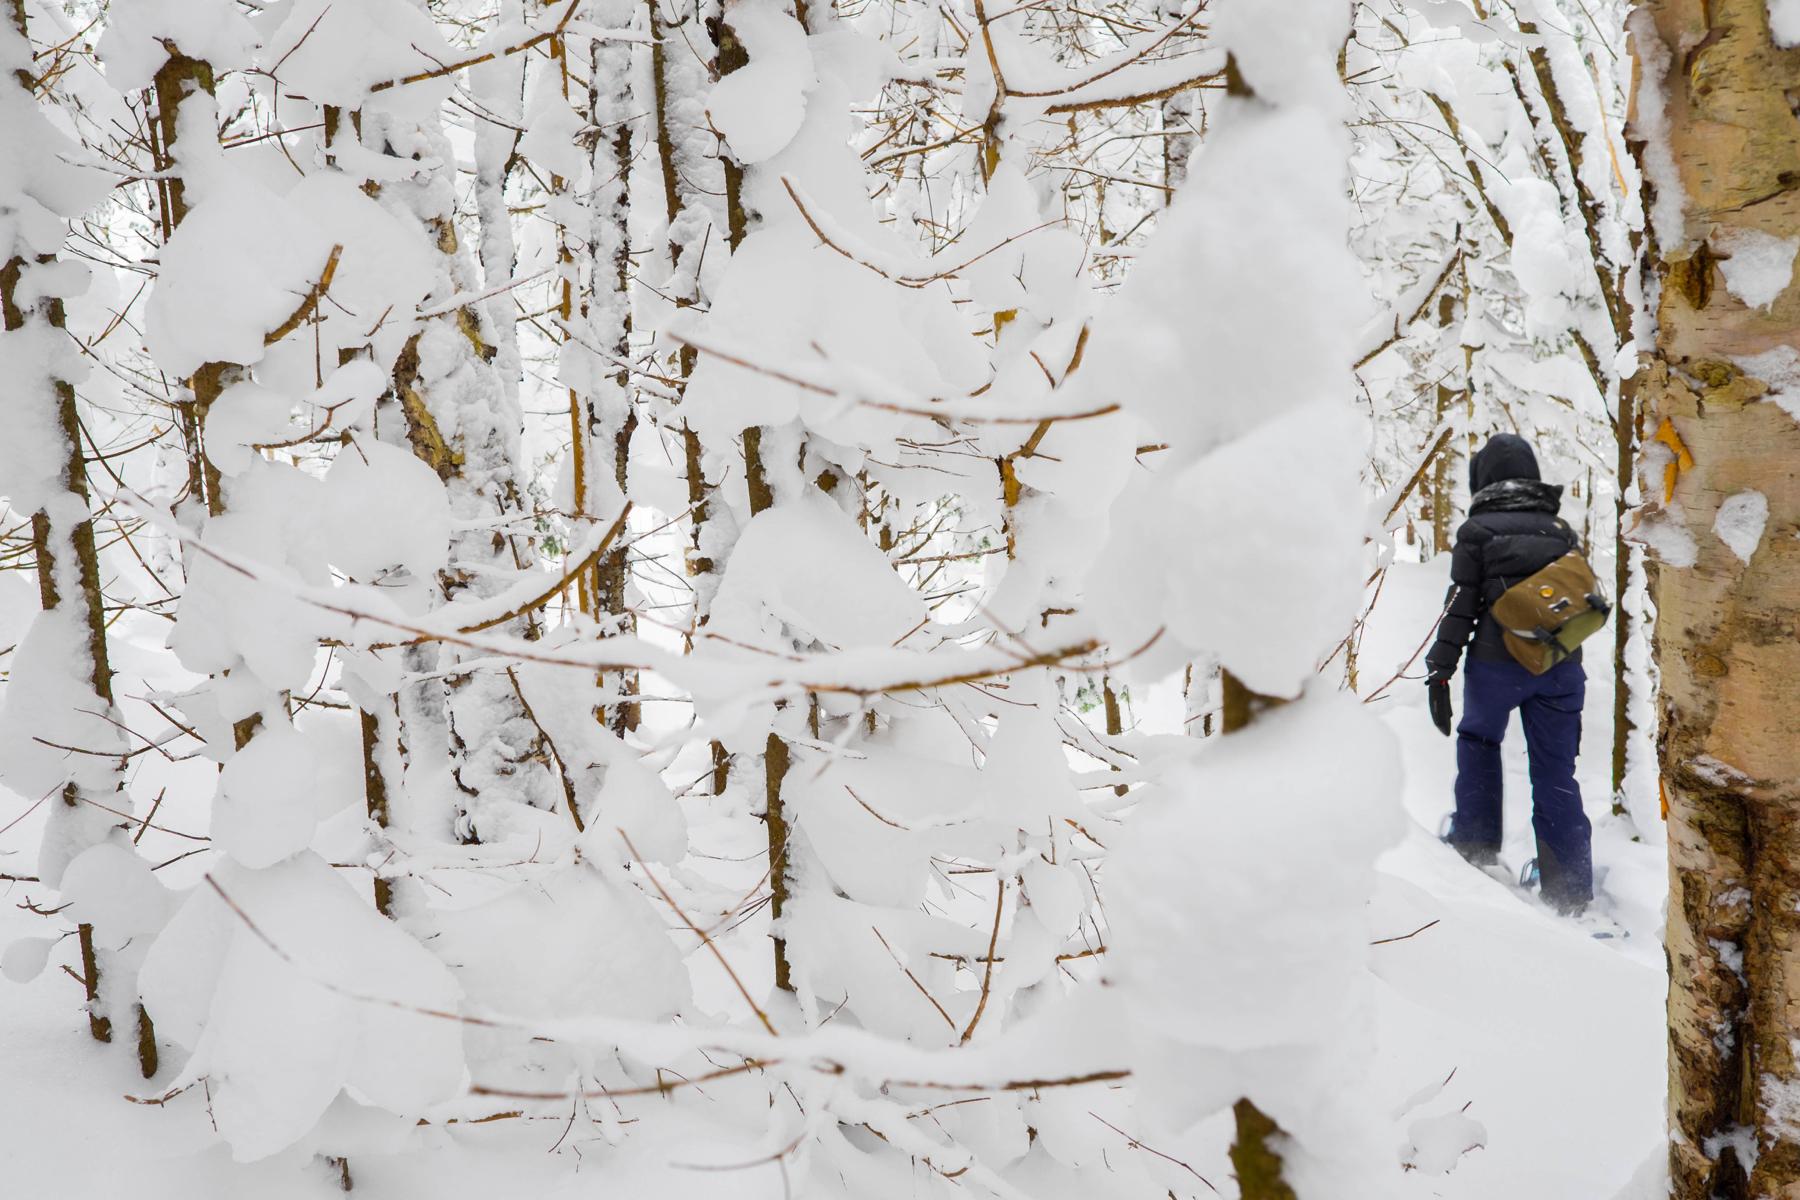 parc-montagne-du-diable-activités-hiver-raquettes-04